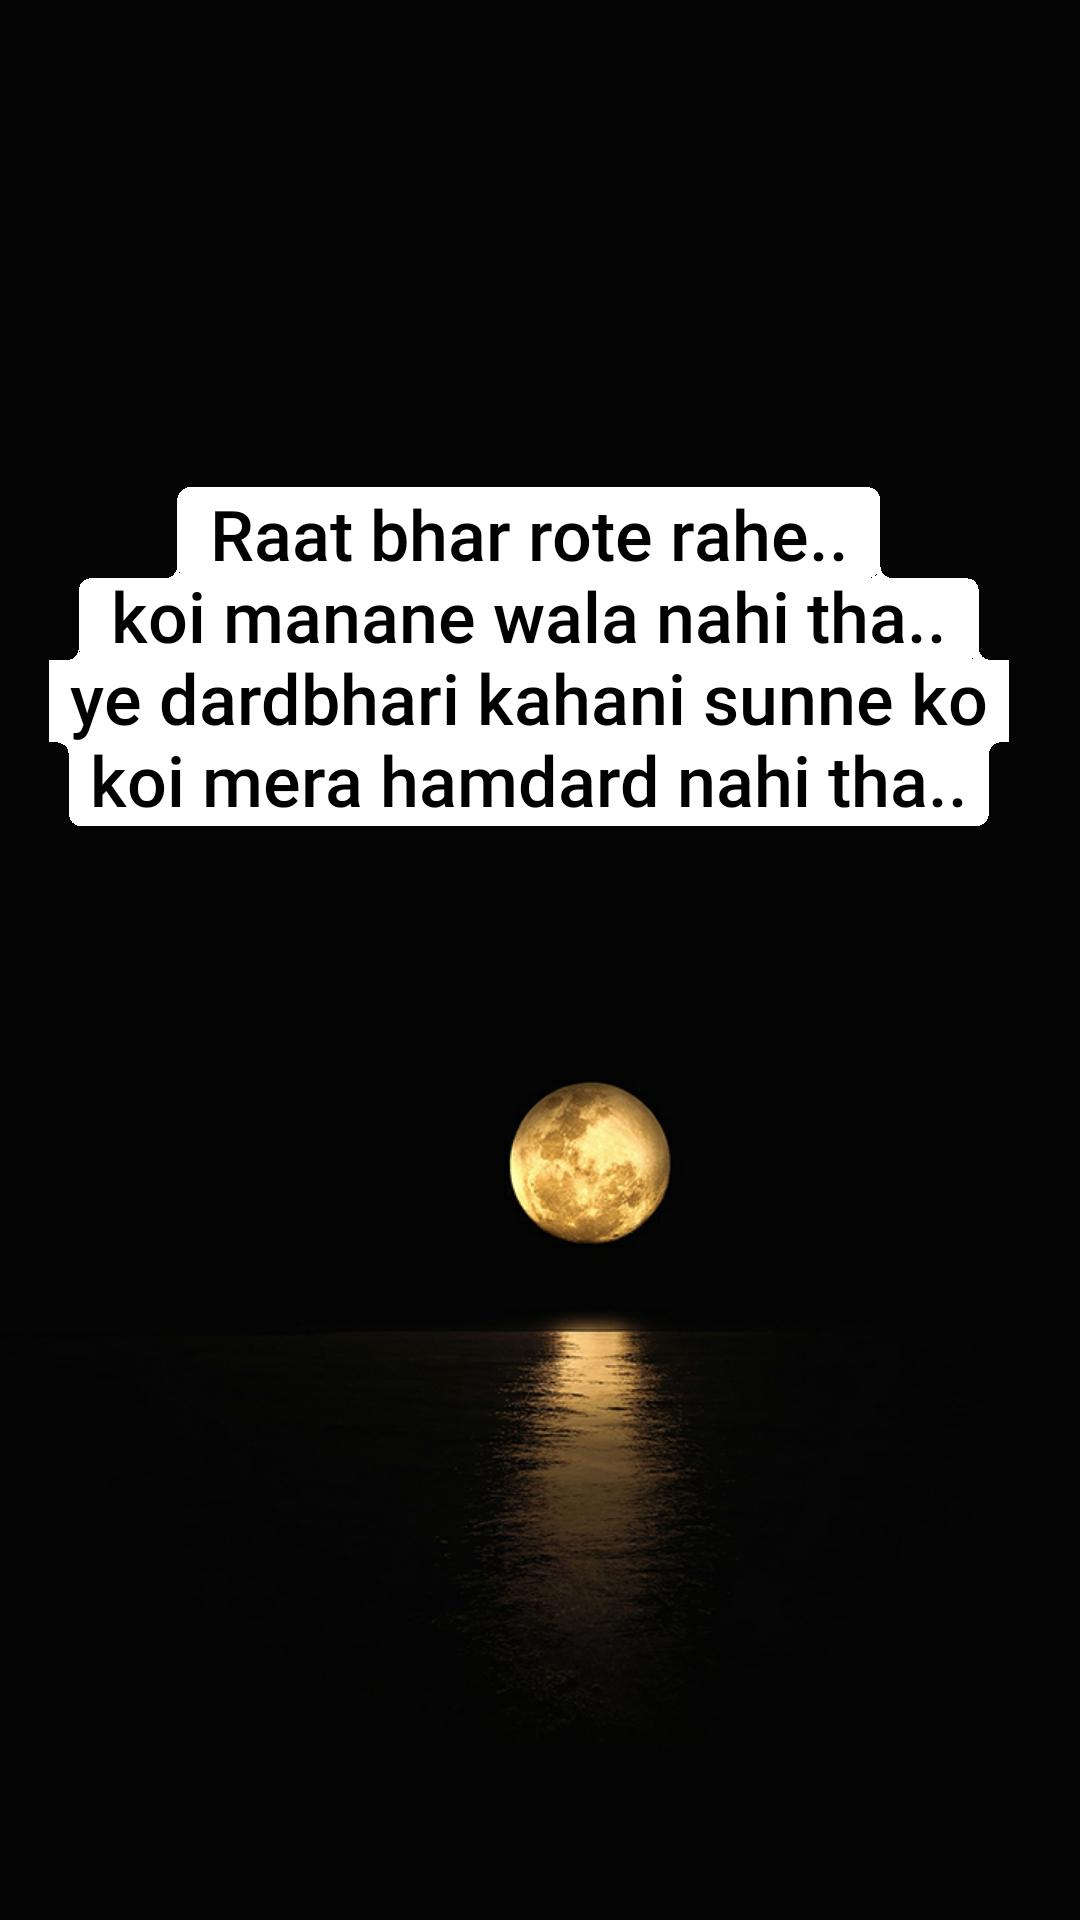 Raat bhar rote rahe.. koi manane wala nahi tha.. ye dardbhari kahani sunne ko koi mera hamdard nahi tha..